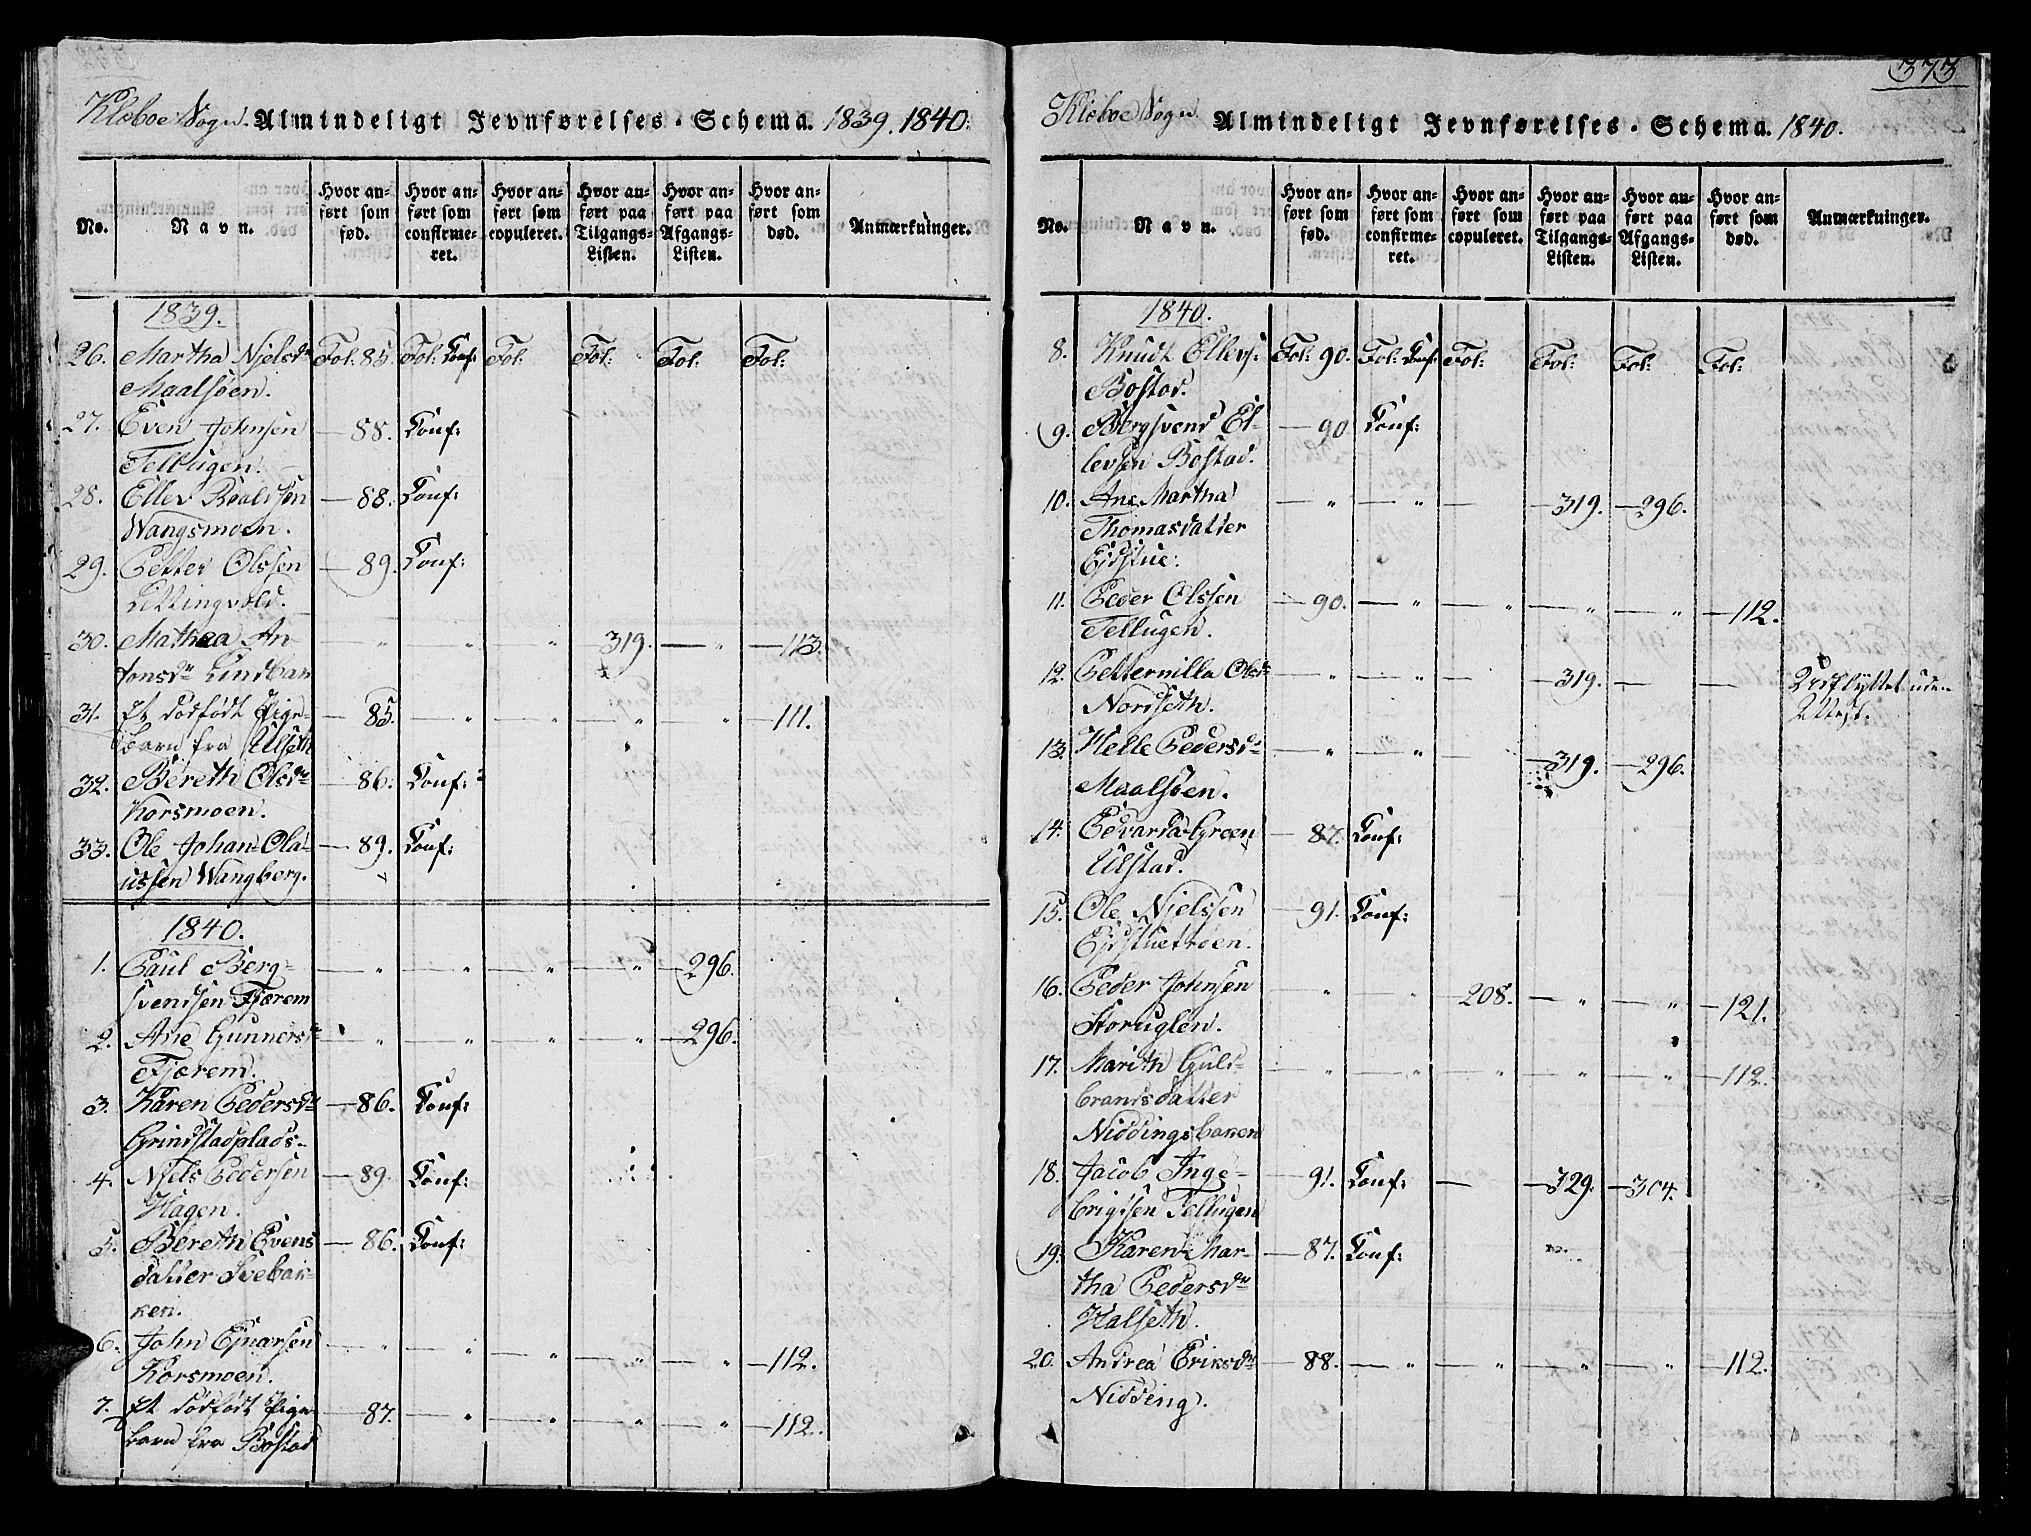 SAT, Ministerialprotokoller, klokkerbøker og fødselsregistre - Sør-Trøndelag, 618/L0450: Klokkerbok nr. 618C01, 1816-1865, s. 373